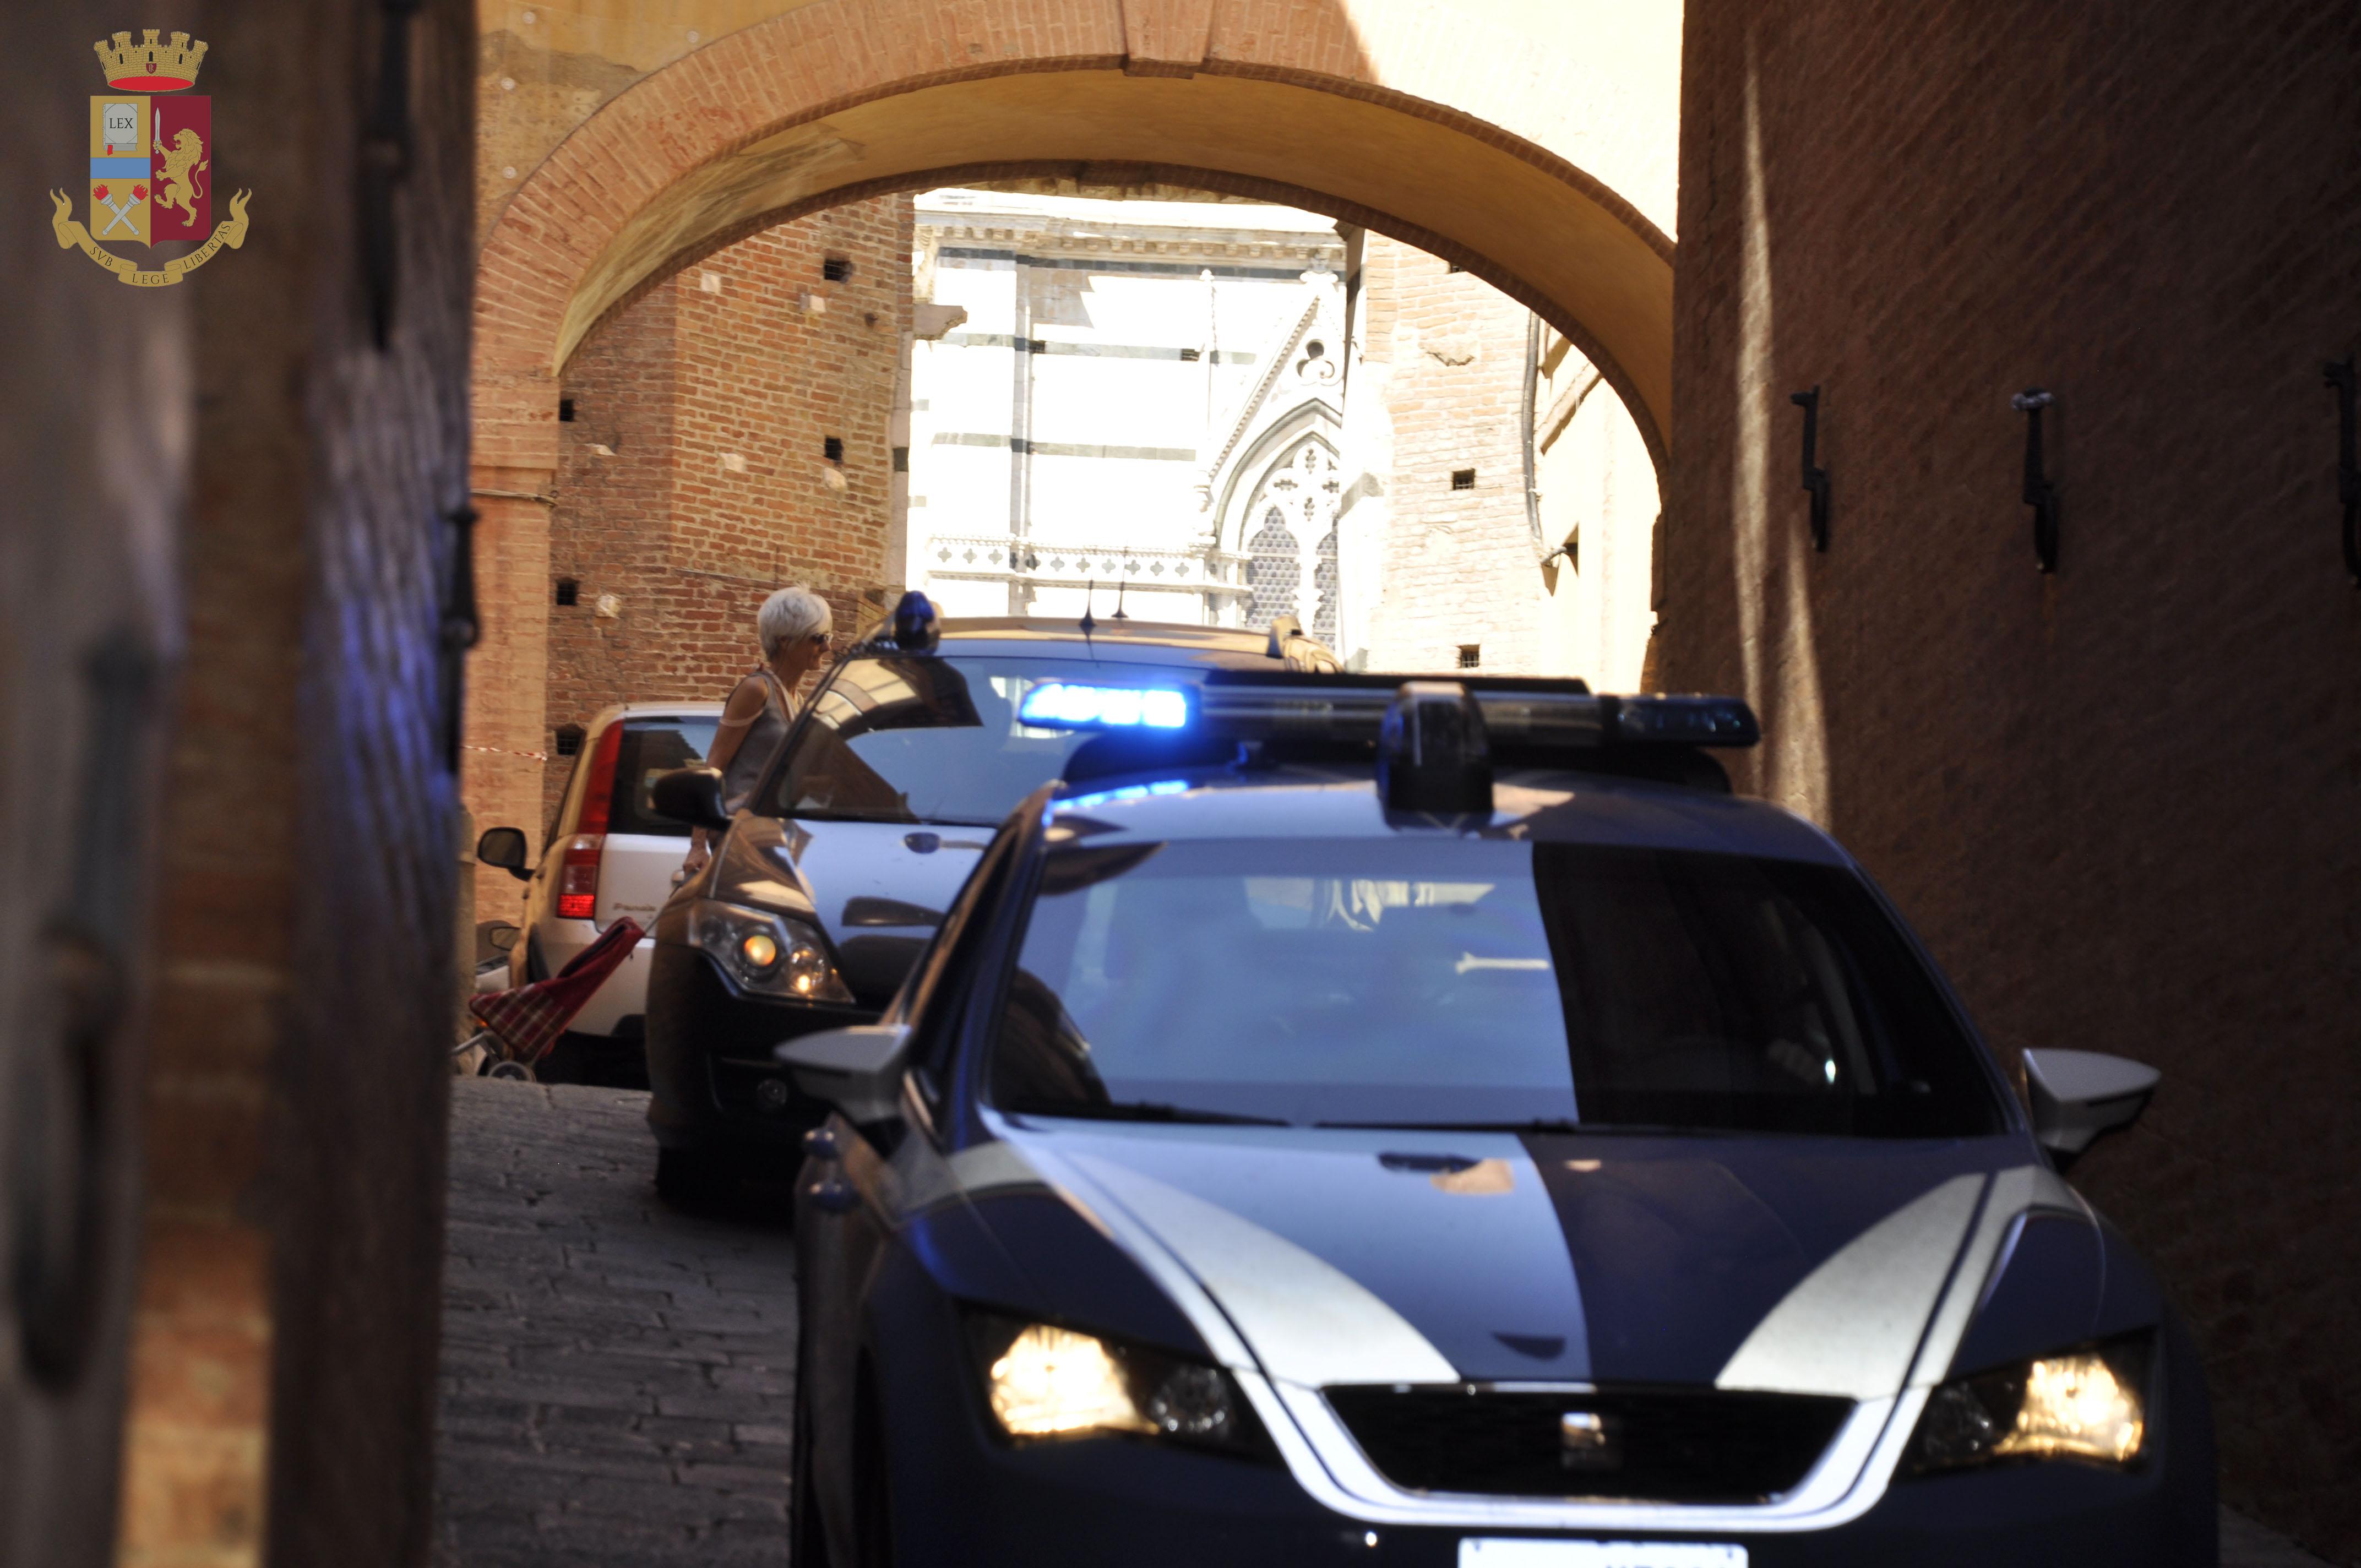 Polizia di Stato - Questure sul web - Siena